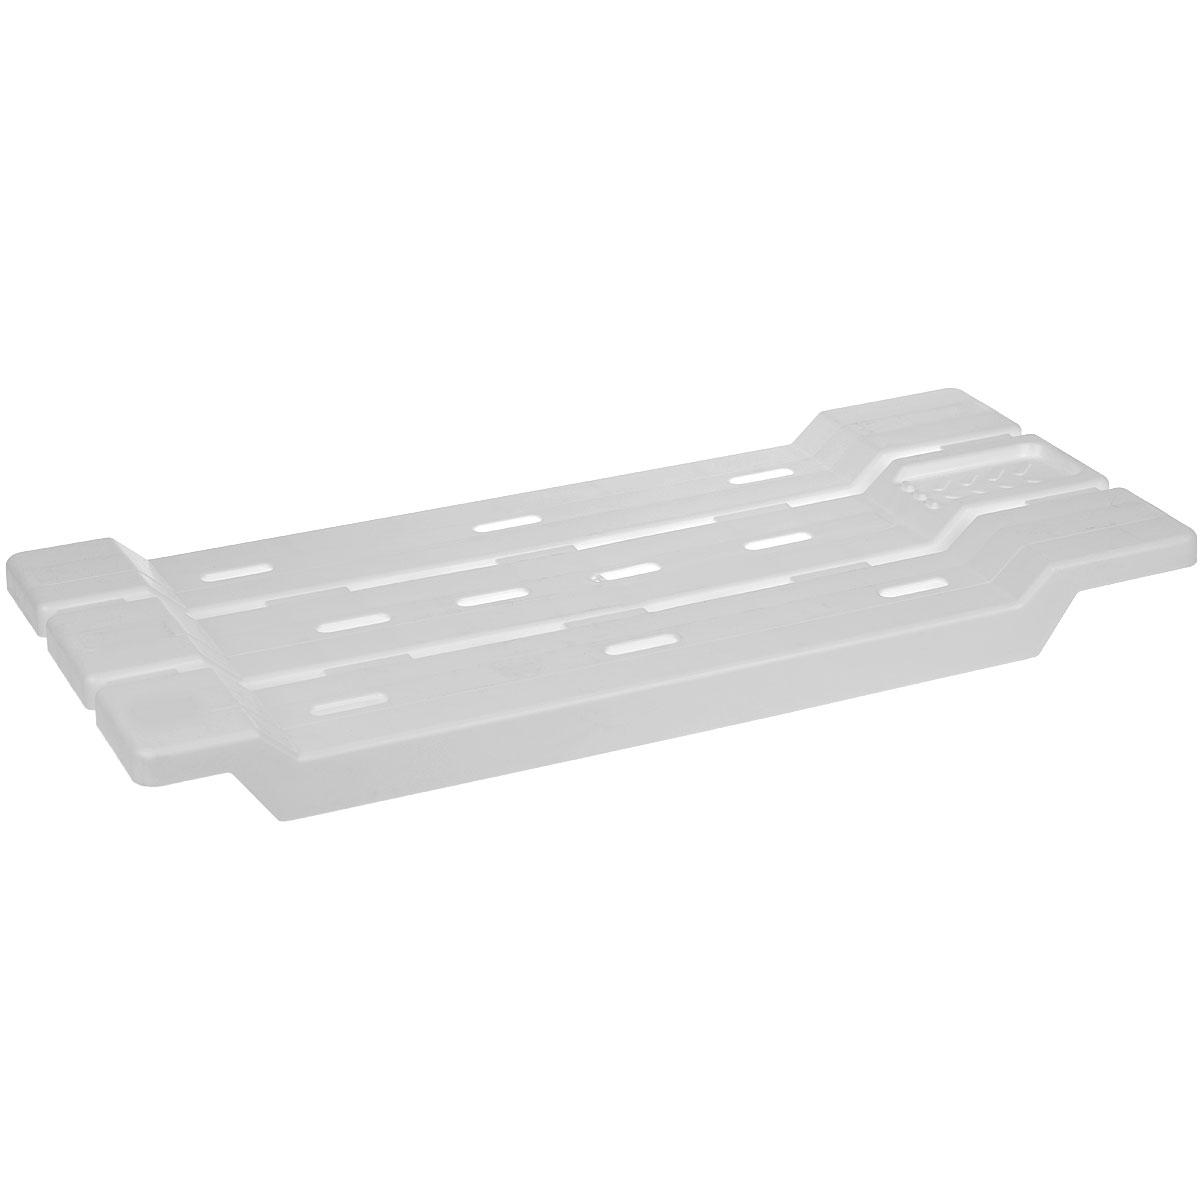 Сиденье-полка на ванну Альтернатива, цвет: белый, 31 x 6 x 68 смМ1552Сиденье-полка на ванну Альтернатива выполнено из пластика и подвешивается на борты ванной. Модель может использоваться как для сиденья при гигиенических процедурах, так и в качестве подставки.Плоские поверхности ребер сиденья препятствуют скольжению поставленных на них предметов. Не царапает ванну, так как в конструкции отсутствуют металлические части. Сиденье-полка подходит как для узкой так и для широкой ванны. Предусмотрено место для мыла.